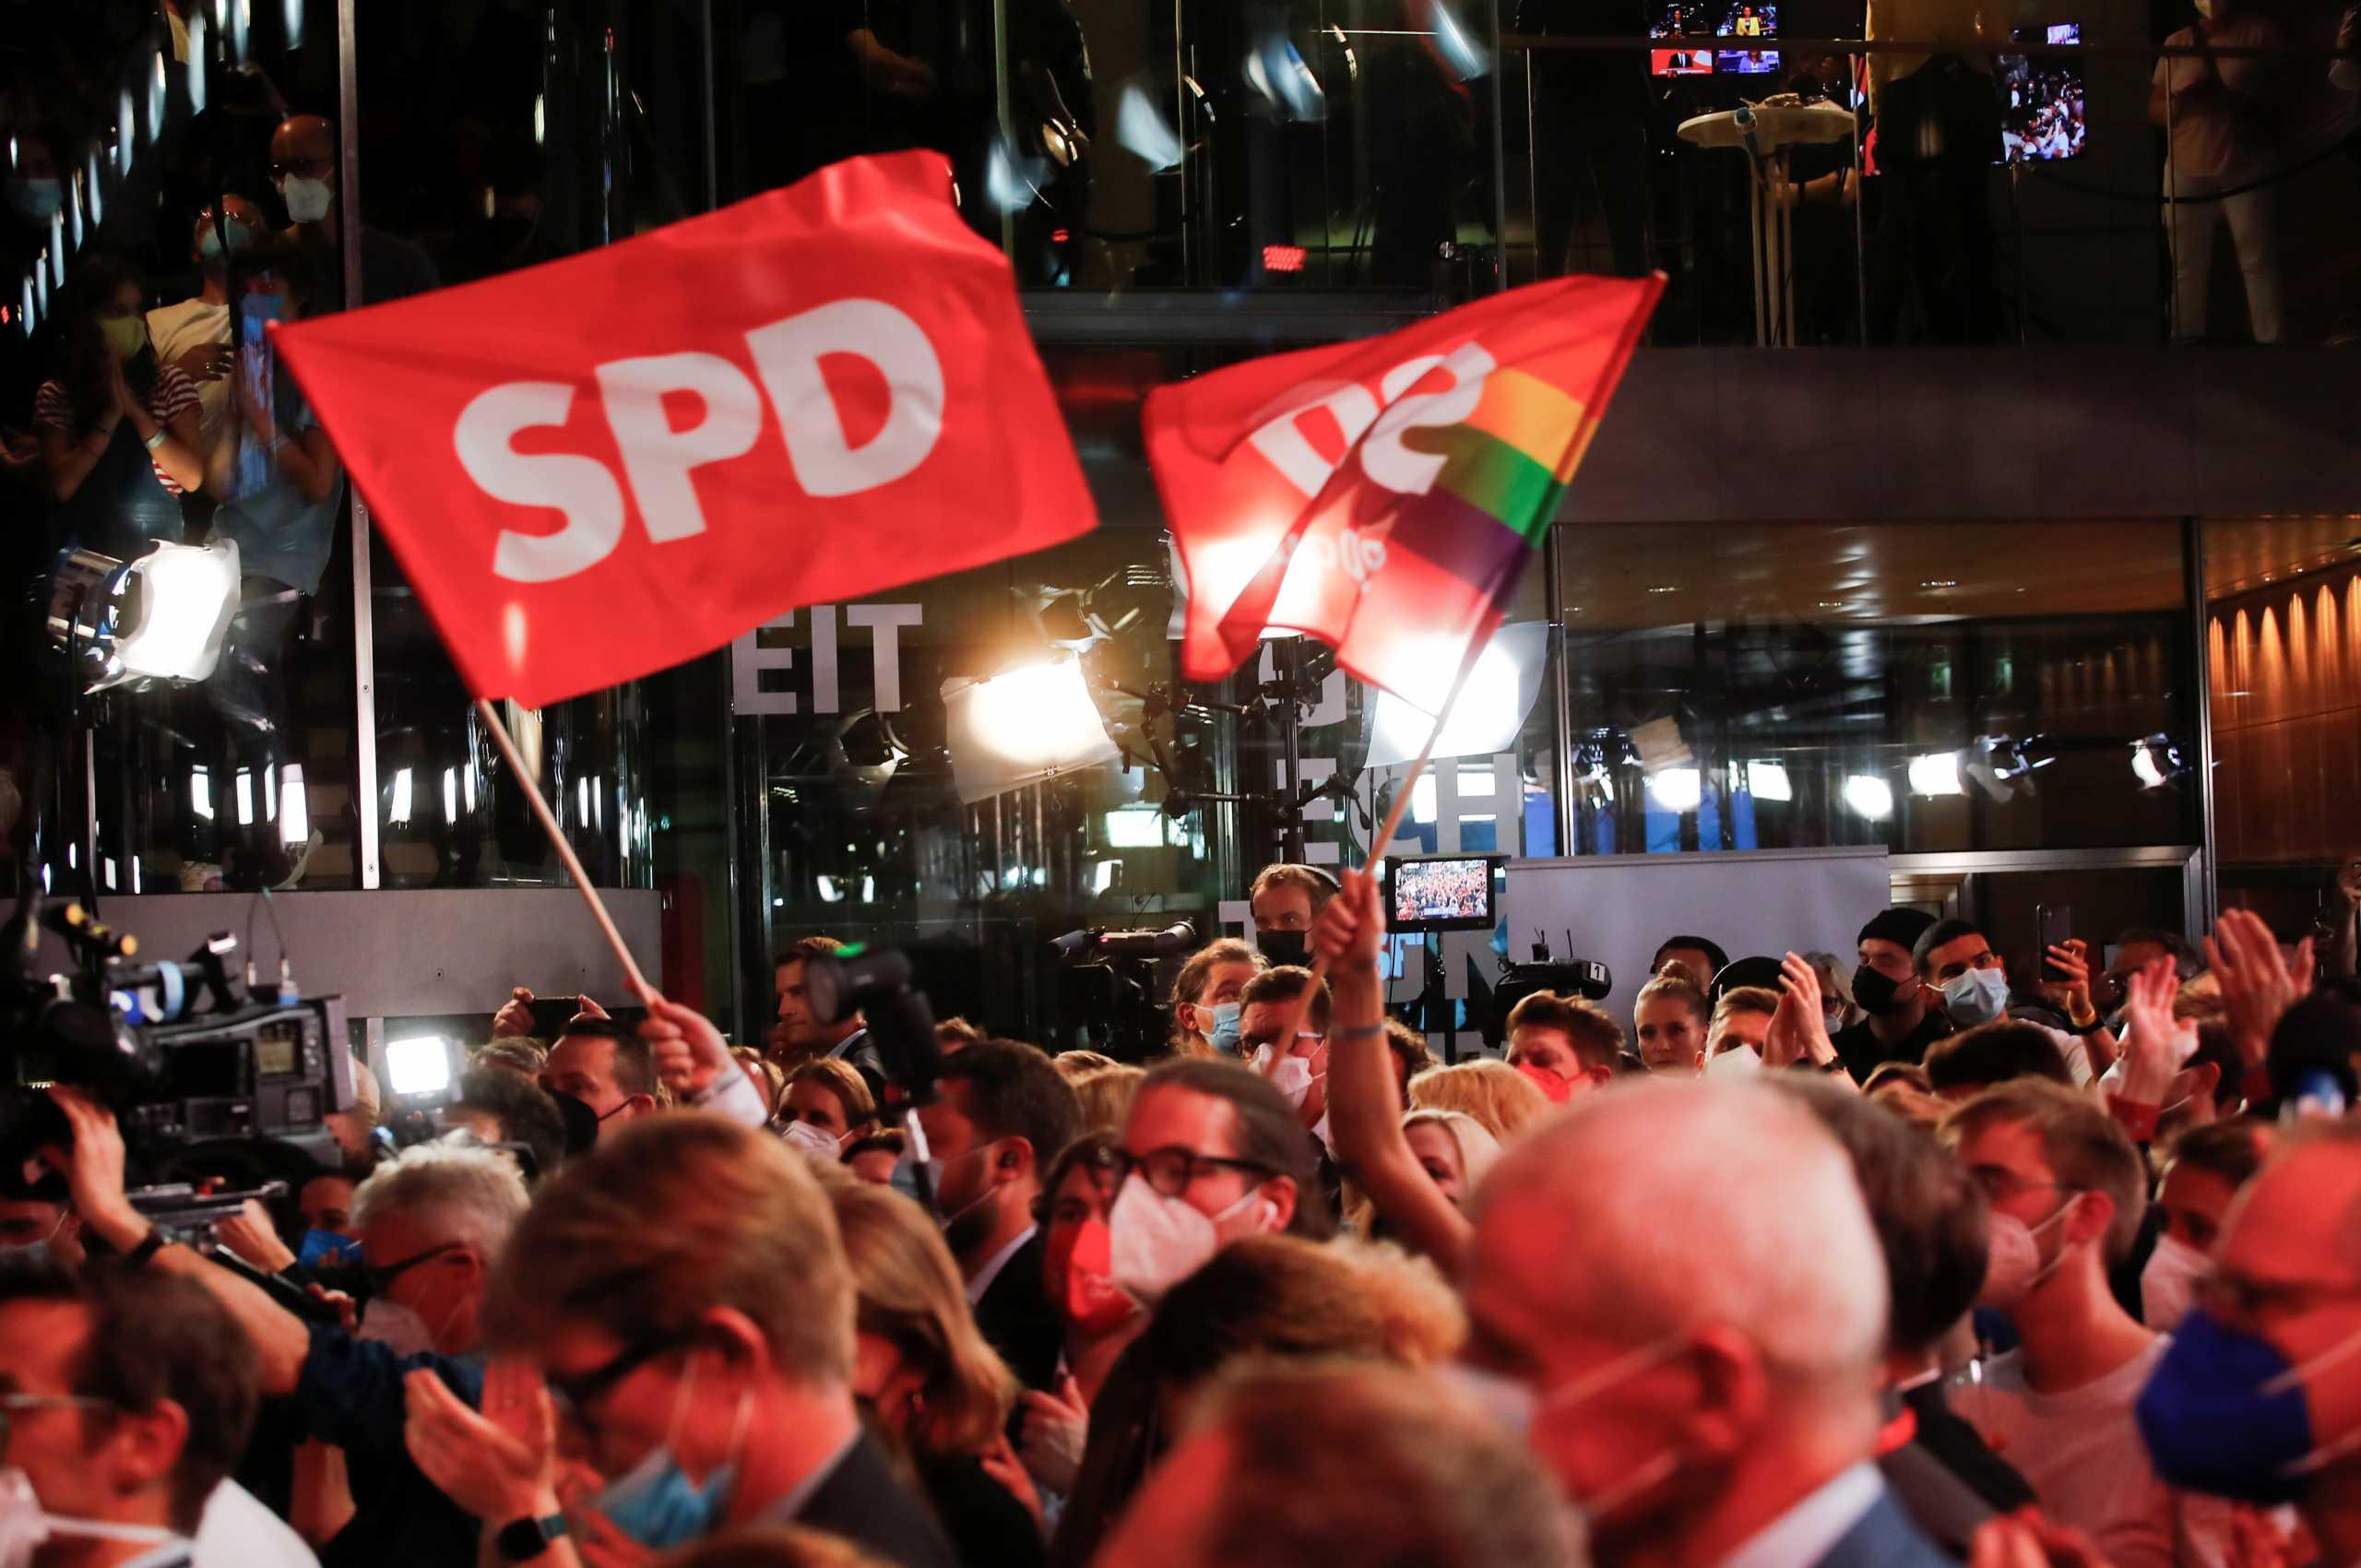 Γερμανικές εκλογές: «Μάχη» CDU/CSU και SPD – Άρμιν Λάσετ ή Όλαφ Σολτς ο διάδοχος της Μέρκελ